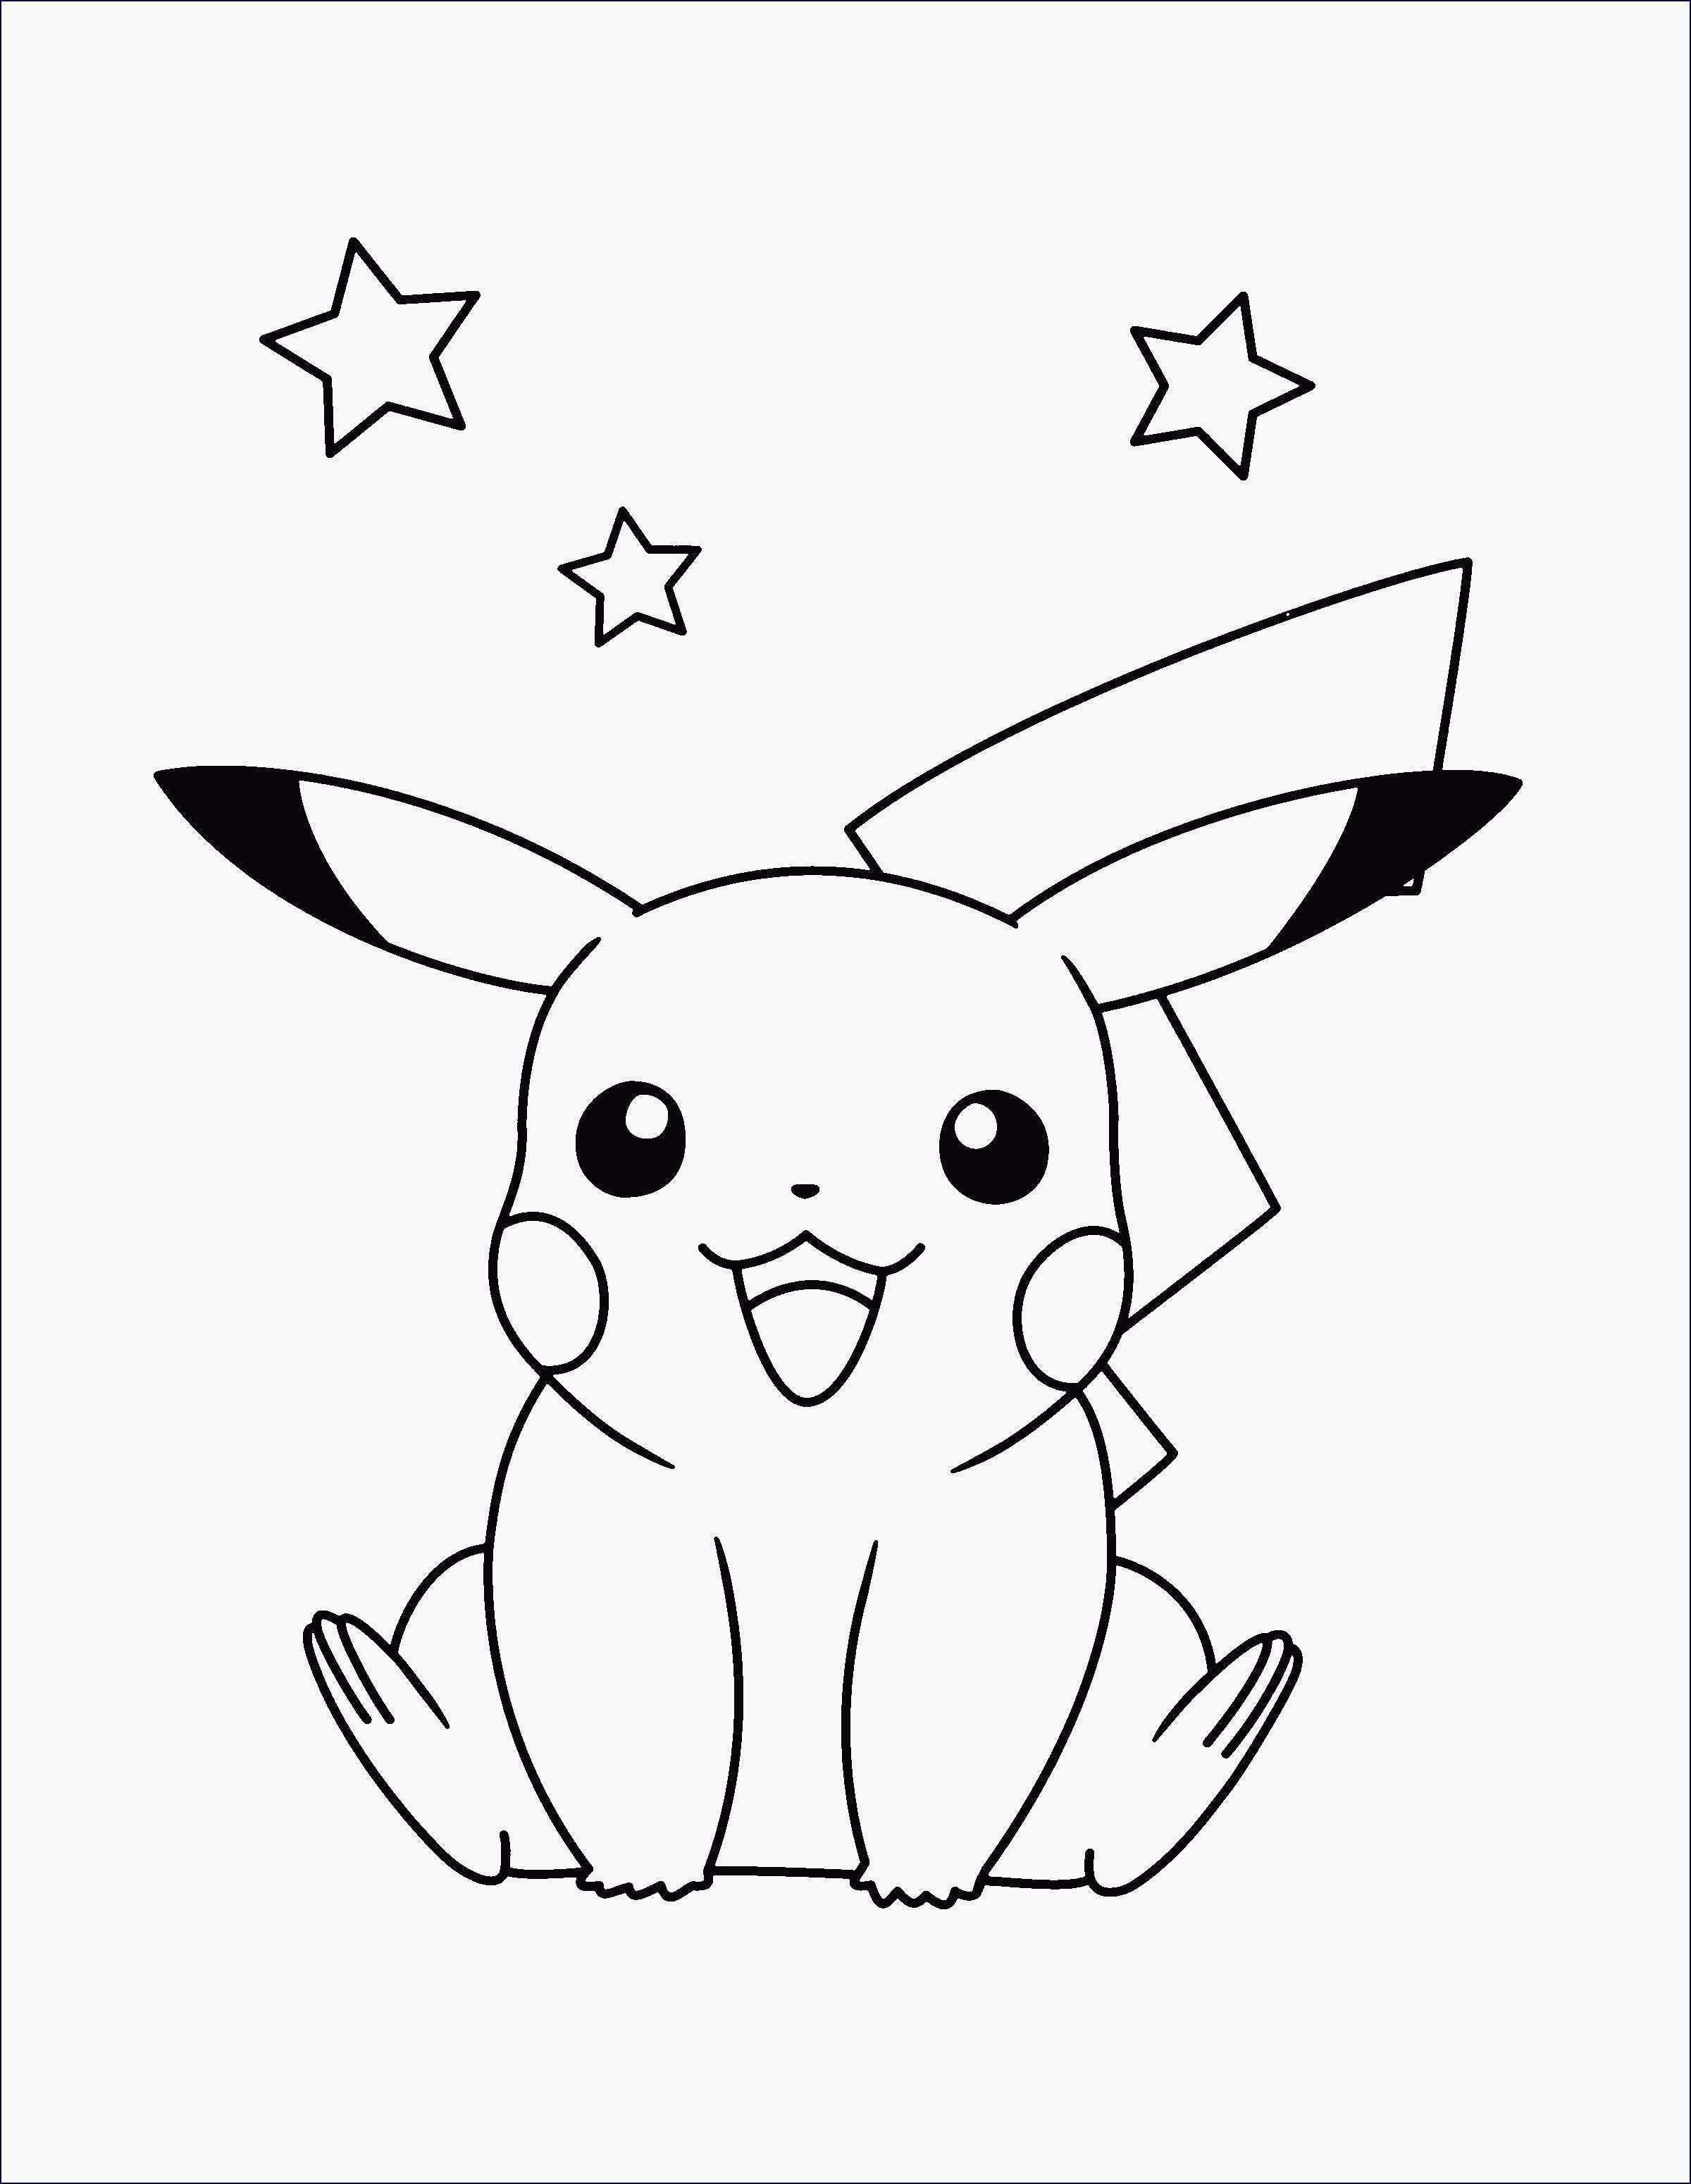 Zeichen Vorlagen Unique Schon Ausmalbilder Zum Ausdrucken Mogli Innerhalb Zeichenvorlagen Colori Pikachu Coloring Page Pokemon Coloring Pages Pokemon Coloring